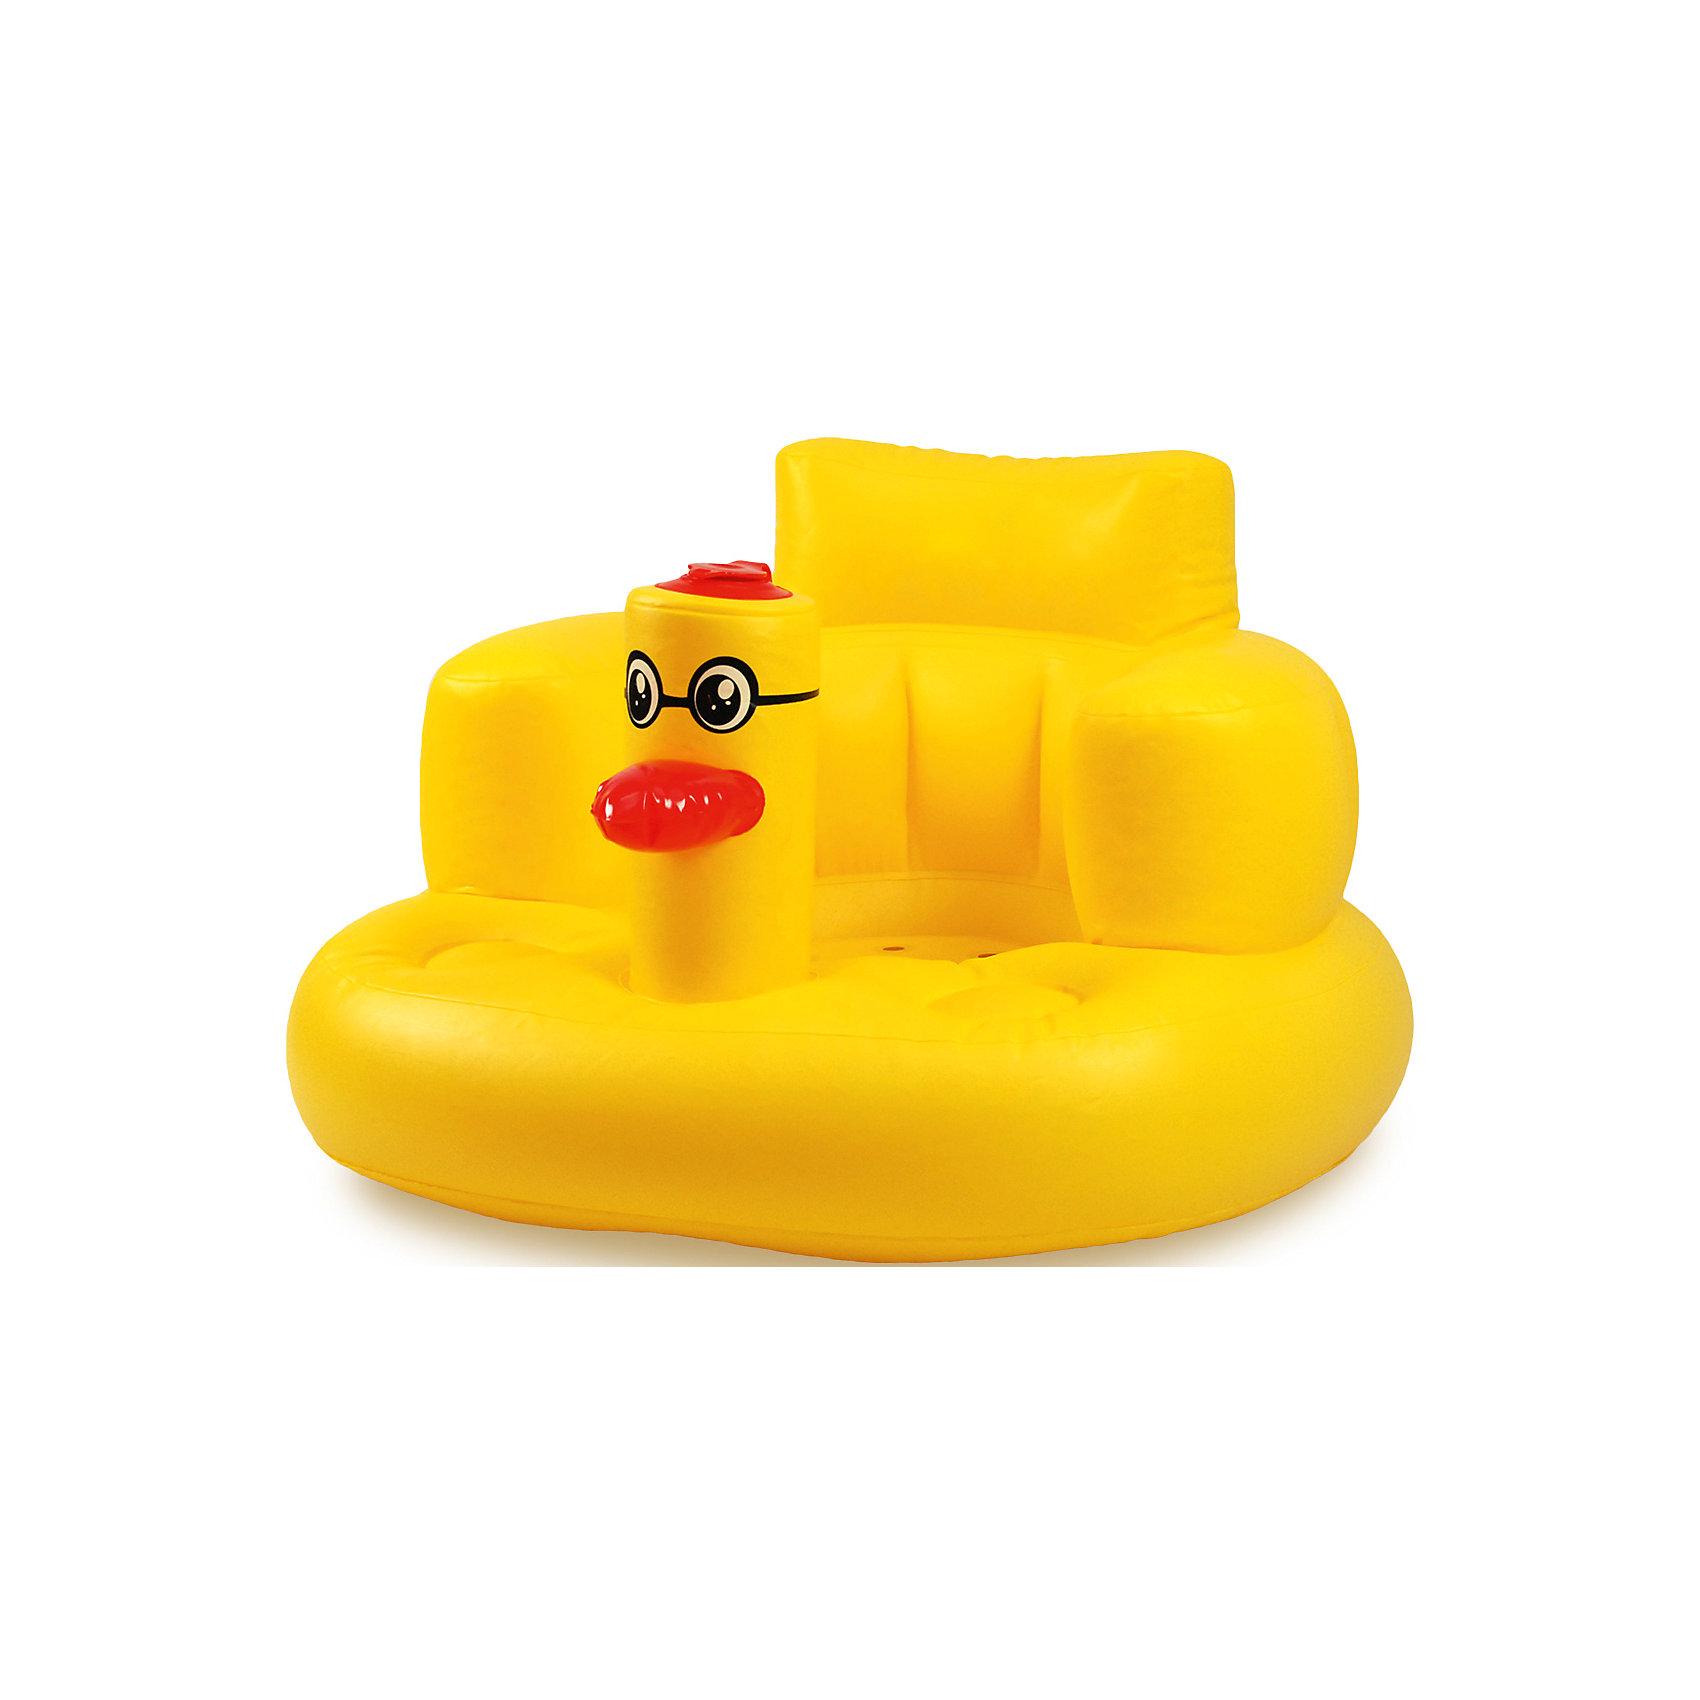 Надувное кресло для детей, BabySwimmerНадувное детское кресло придется по вкусу всем малышам, которые боятся купания. Кресло выполнено в форме веселой уточки, защищающей от мыльной воды личико малыша. У кресла высокая спинка, обеспечивающая комфорт при сидении и не дающая малышу упасть в воду. У модели отсутствуют выступающие швы, что делает кресло максимально комфортным. Модель сдувается до компактных размеров. Все материалы, использованные при разработке и изготовлении надувного детского кресла безопасны для использования, отвечают всем требованиям экологичности и качества детских товаров, а так же гипоаллергенны.<br><br>Дополнительная информация:<br><br>цвет: желтый.<br><br>Надувное детское кресло Baby Swimmer можно приобрести в нашем магазине.<br><br>Ширина мм: 220<br>Глубина мм: 70<br>Высота мм: 200<br>Вес г: 500<br>Возраст от месяцев: 6<br>Возраст до месяцев: 36<br>Пол: Унисекс<br>Возраст: Детский<br>SKU: 4968118